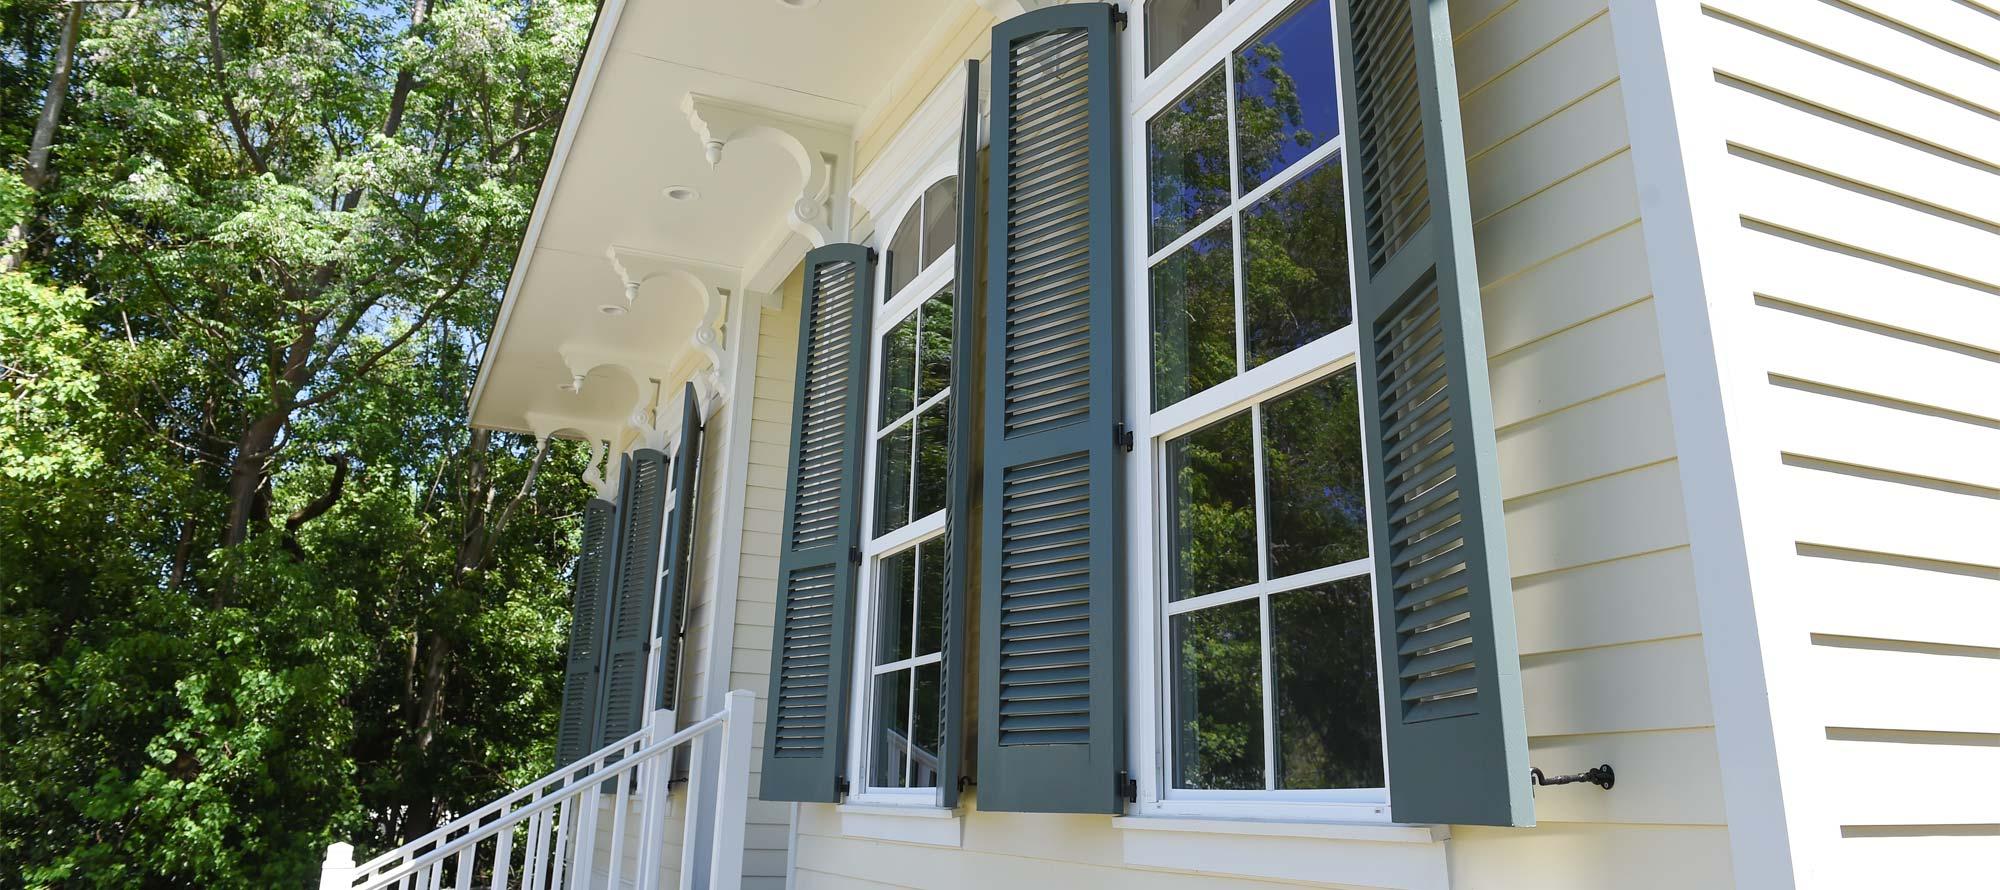 Custom-Designed New Home Construction